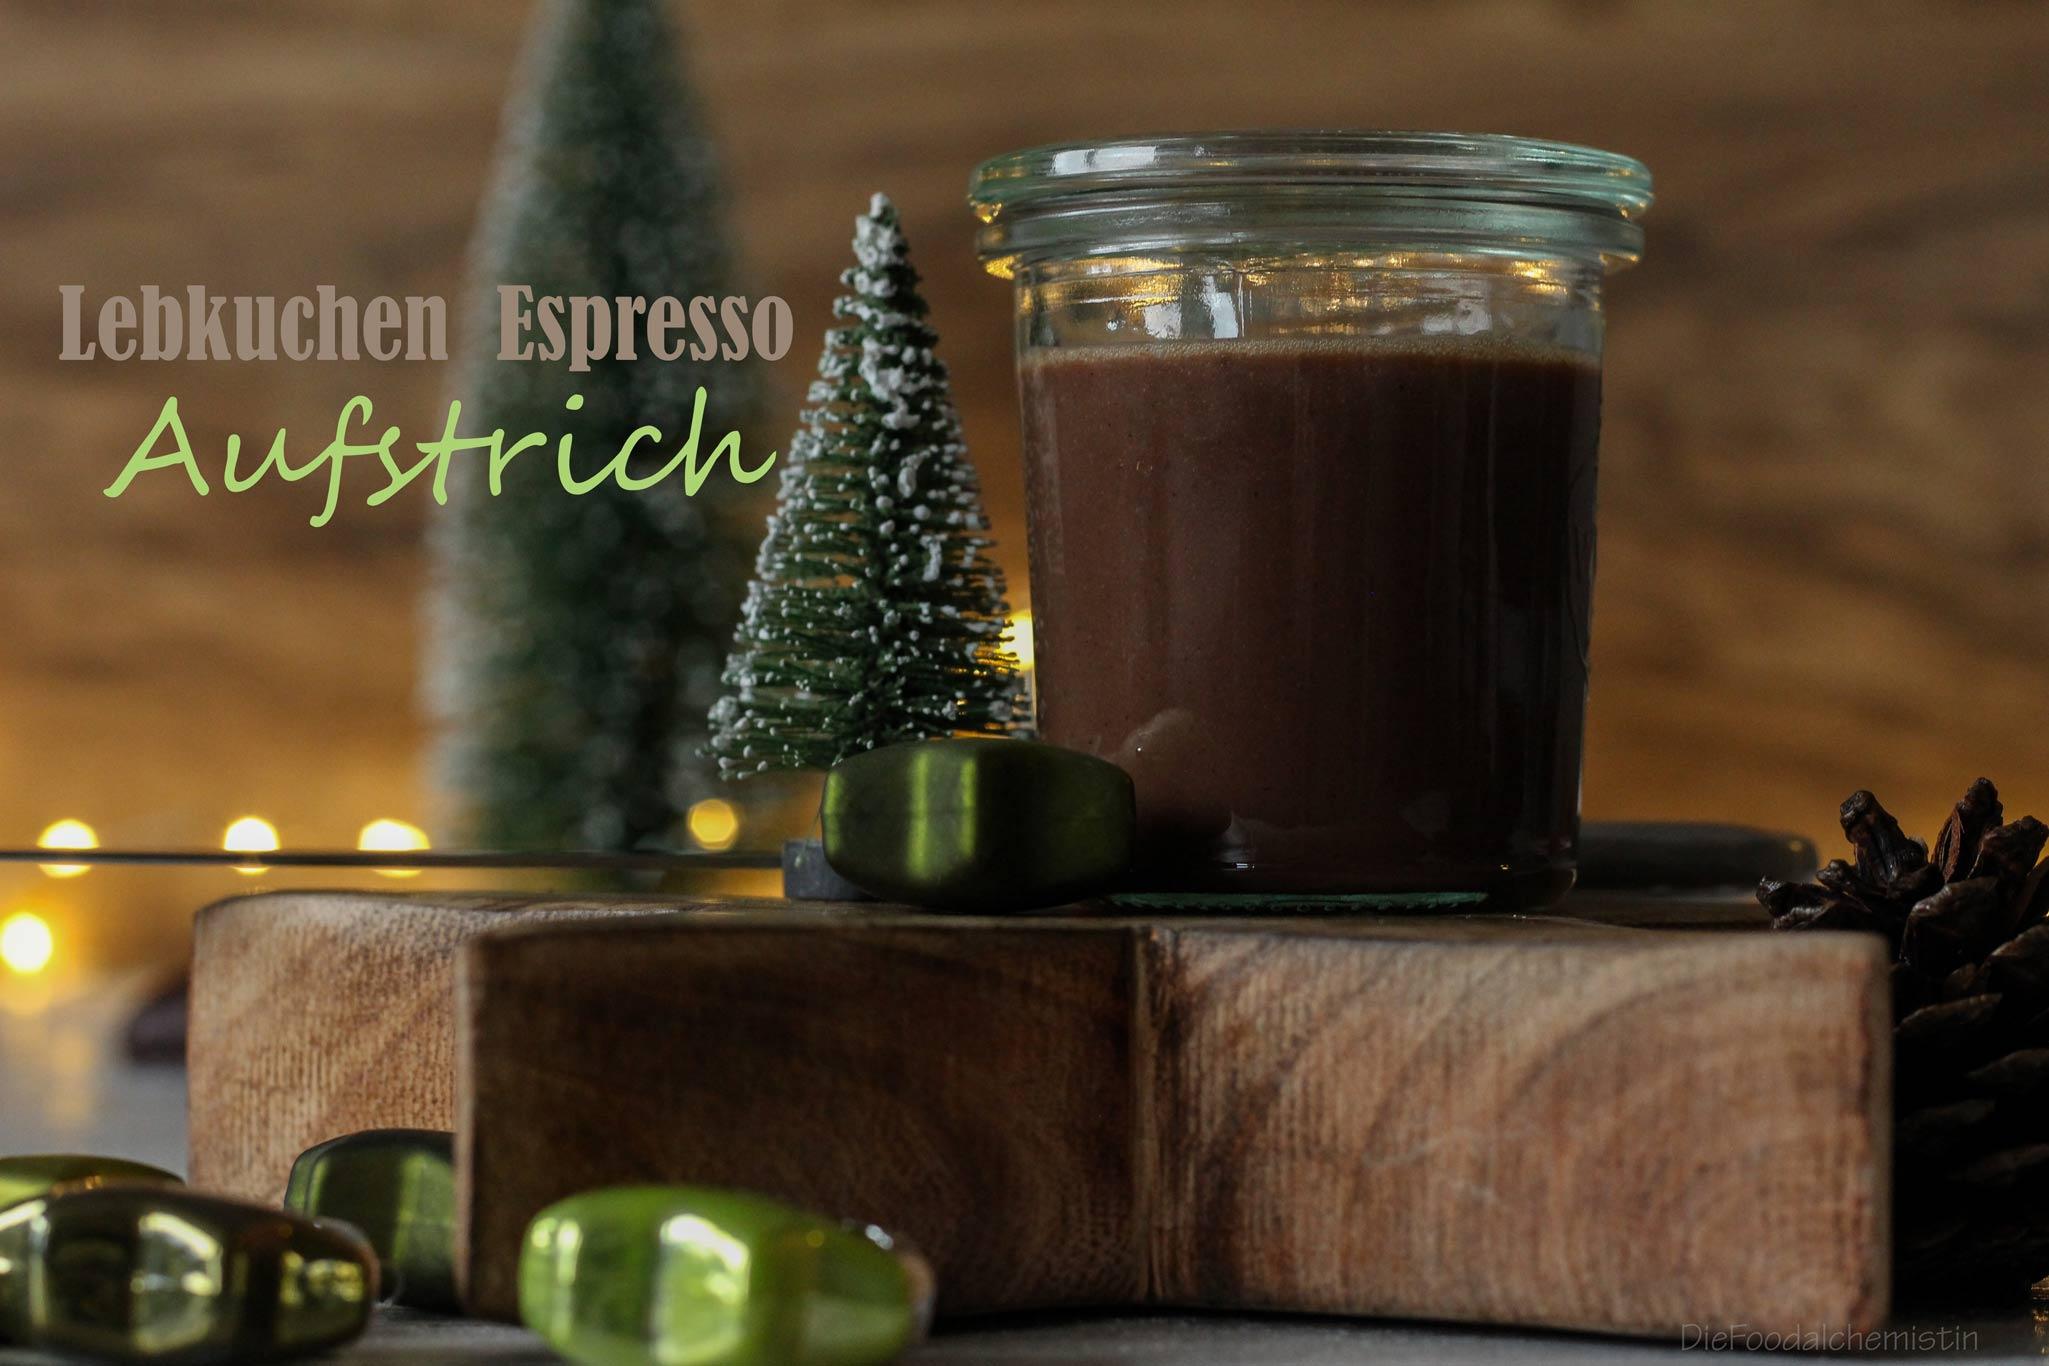 Lebkuchen Espresso Aufstrich